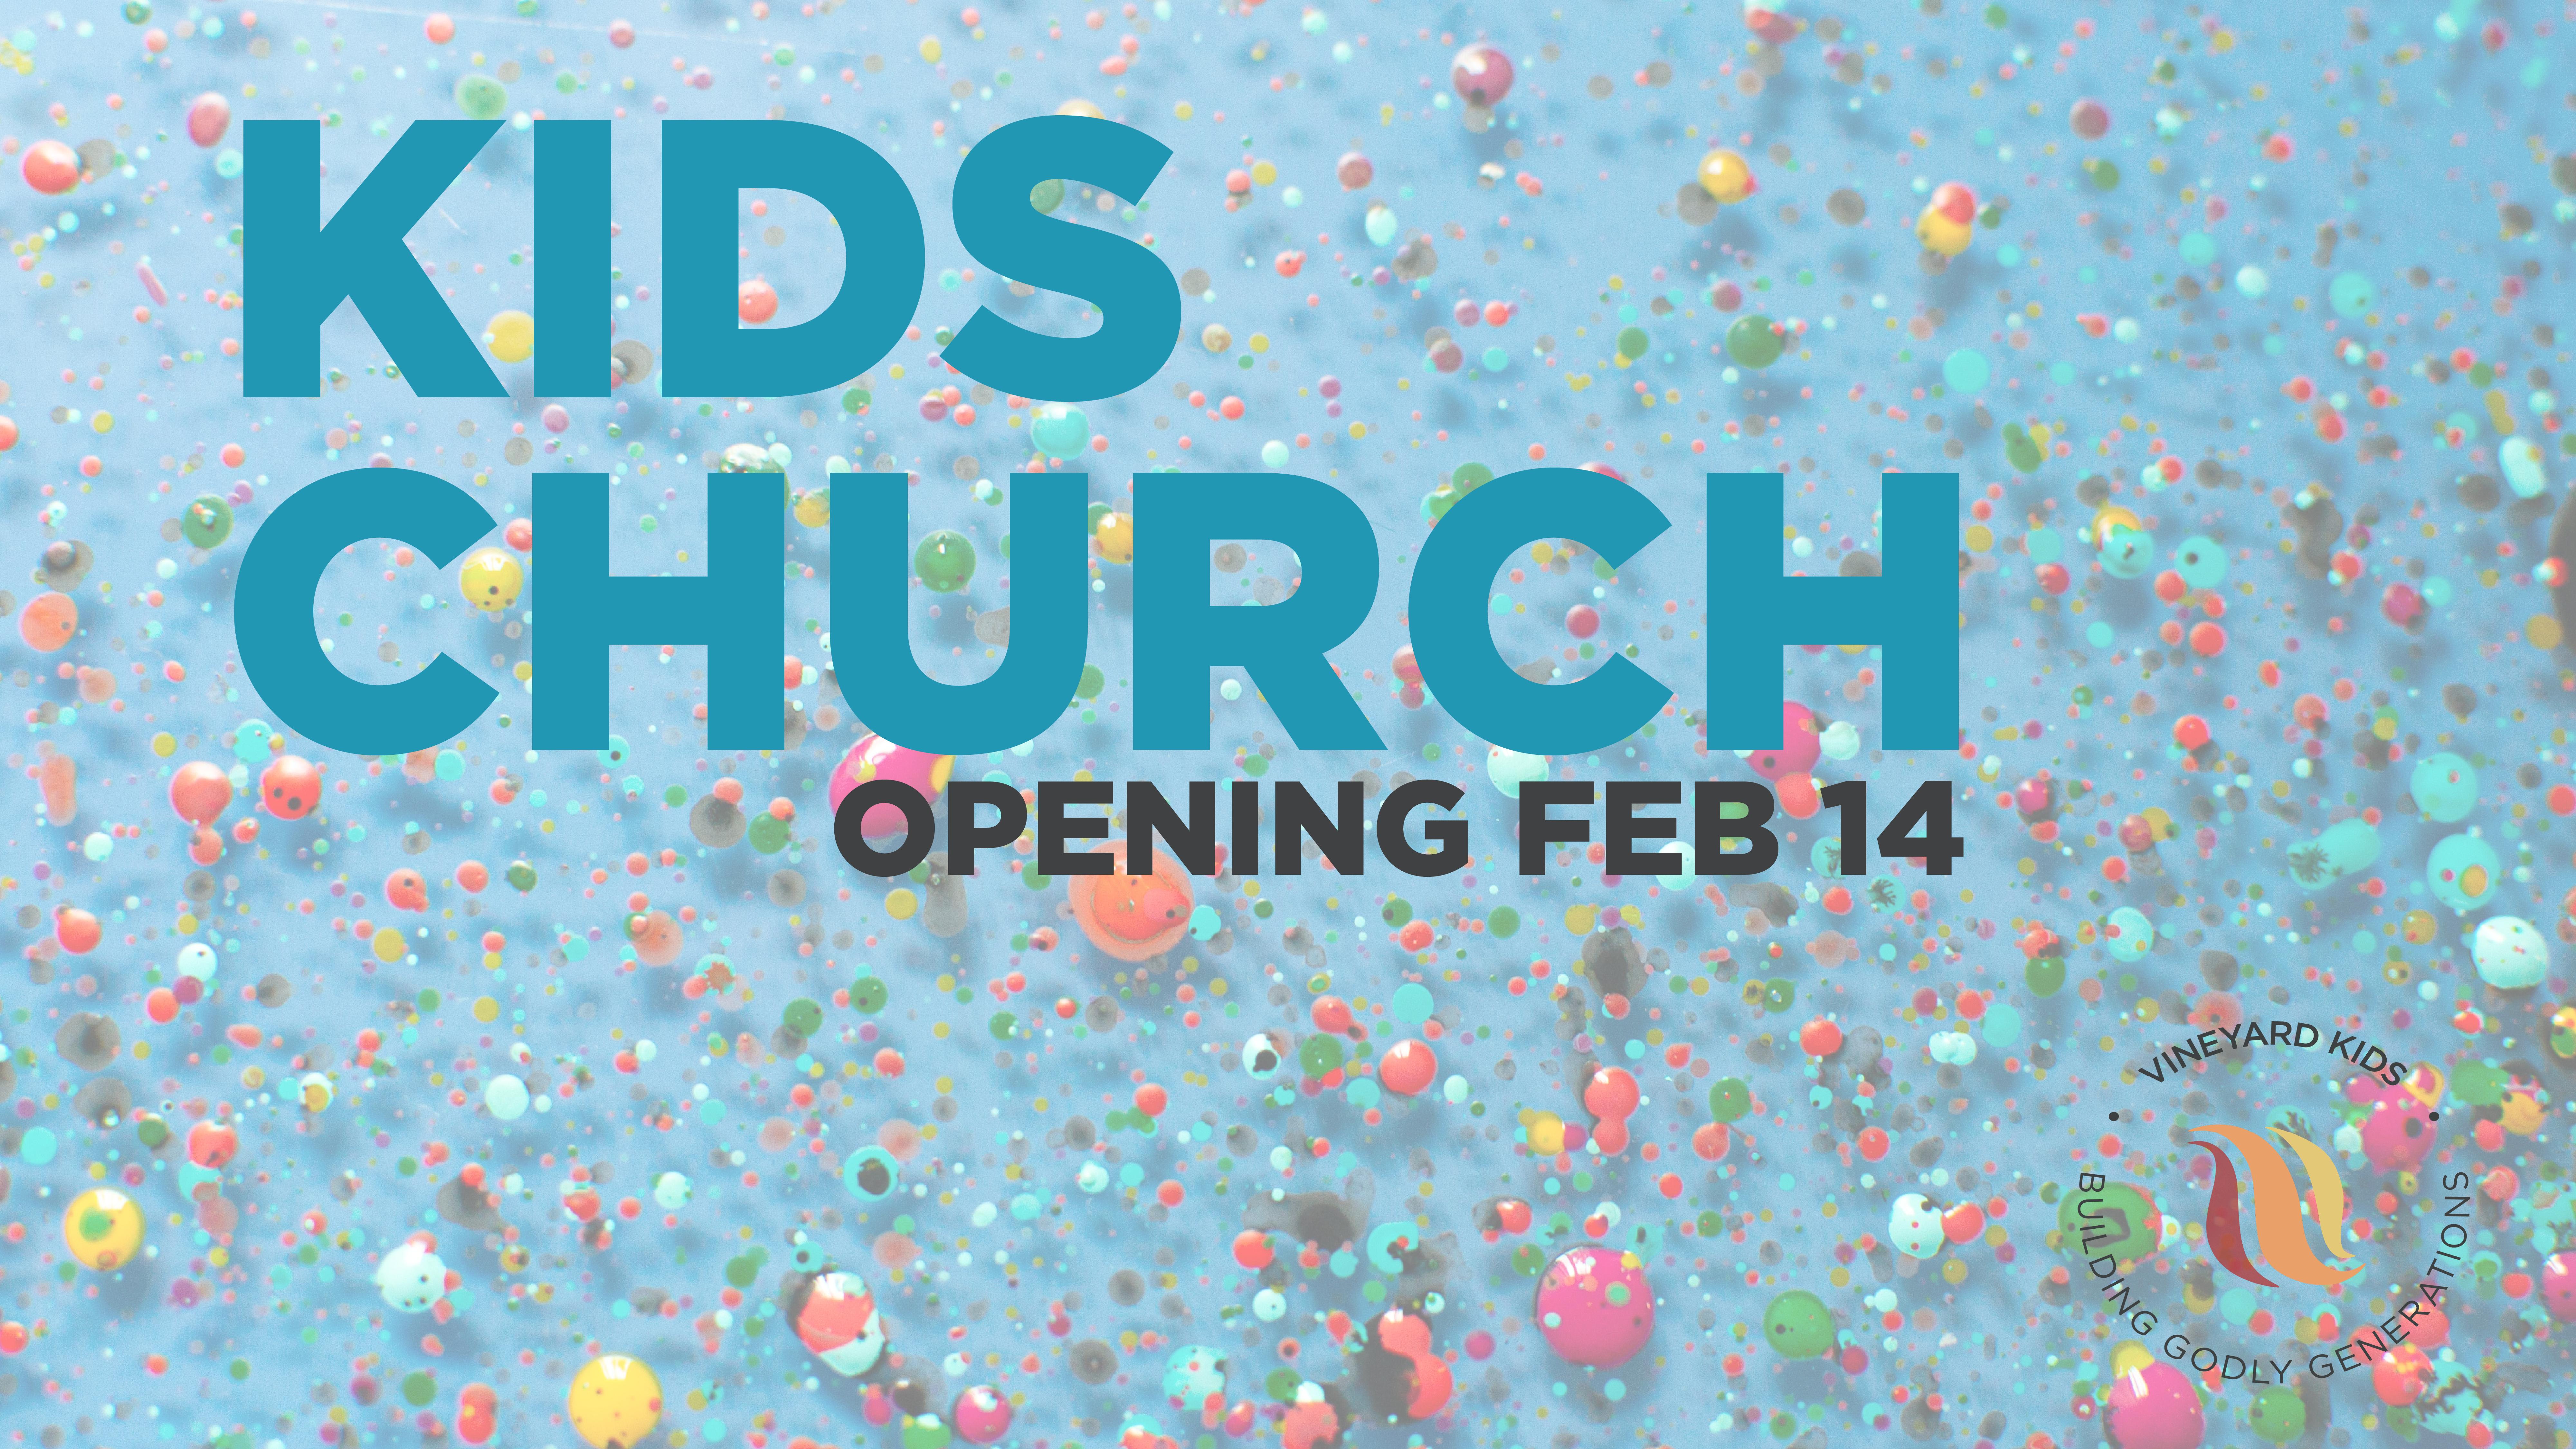 Kids Church open